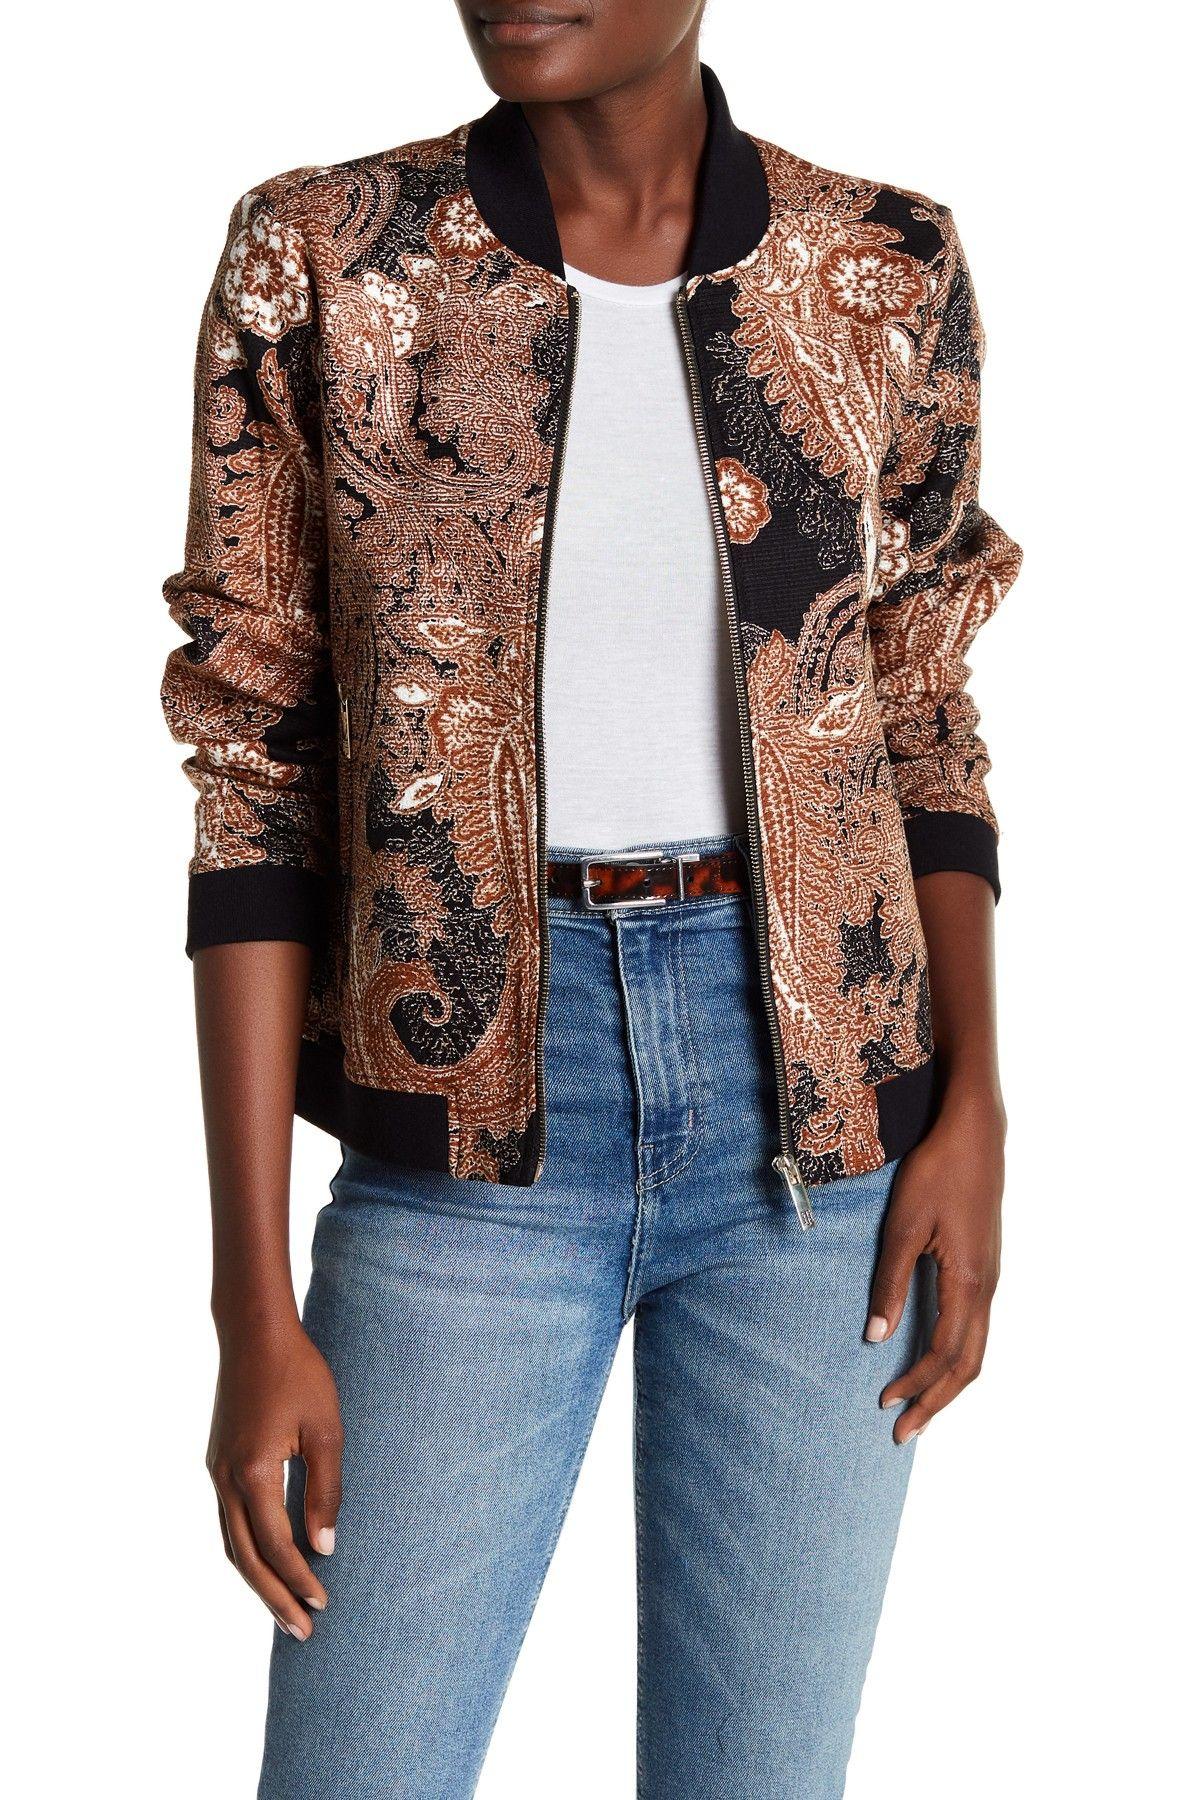 Tommy Hilfiger Paisley Bomber Jacket Bomber Jacket Jackets Fashion [ 1800 x 1200 Pixel ]